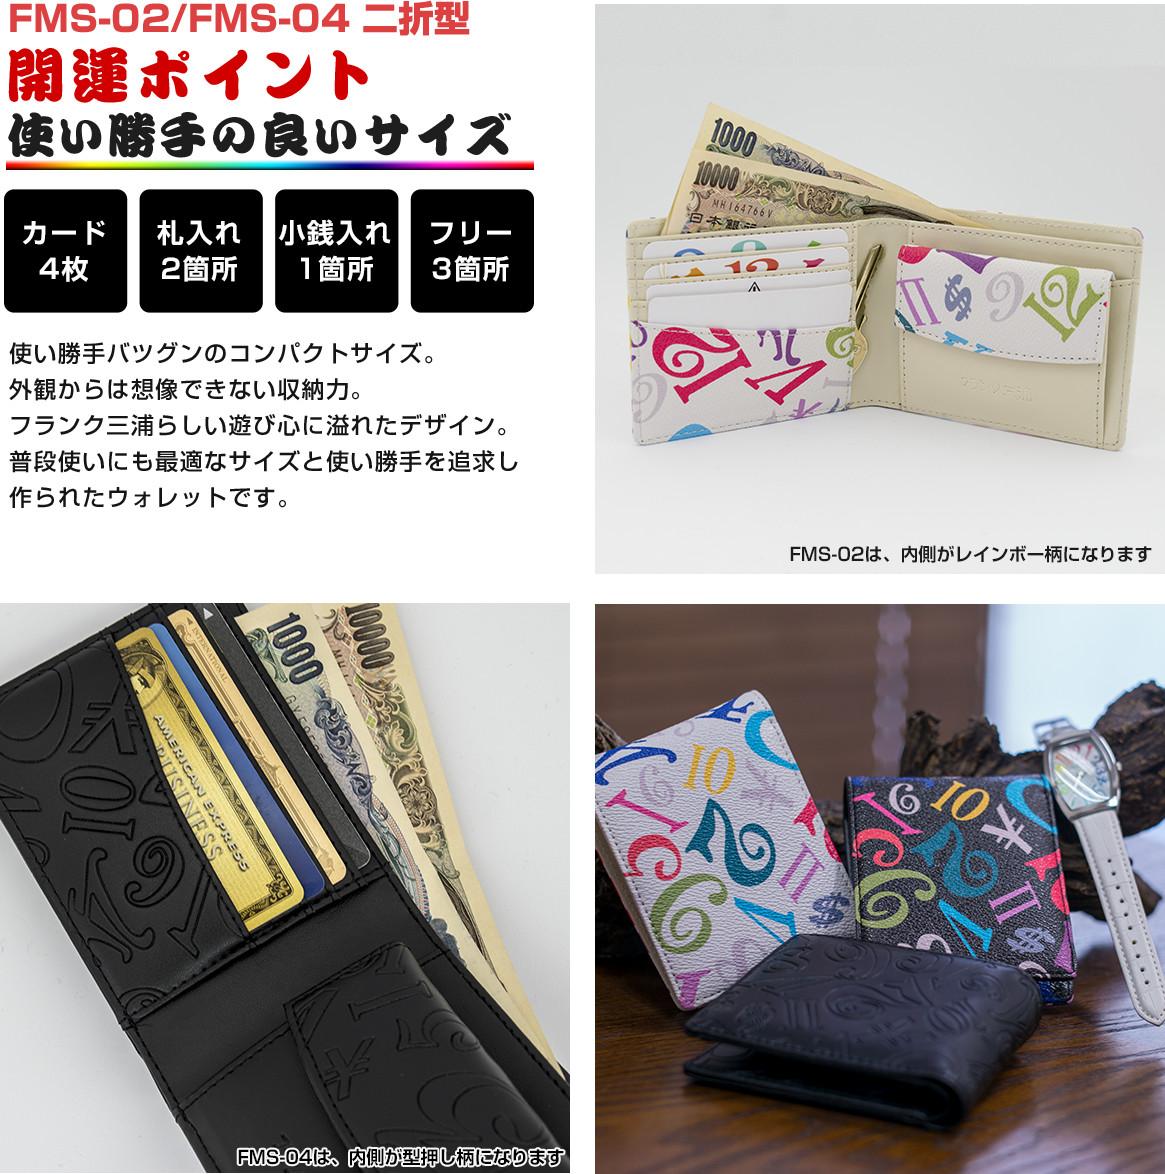 [フランク三浦] FMS02-CRB 奇跡の財布 メンズ レディース